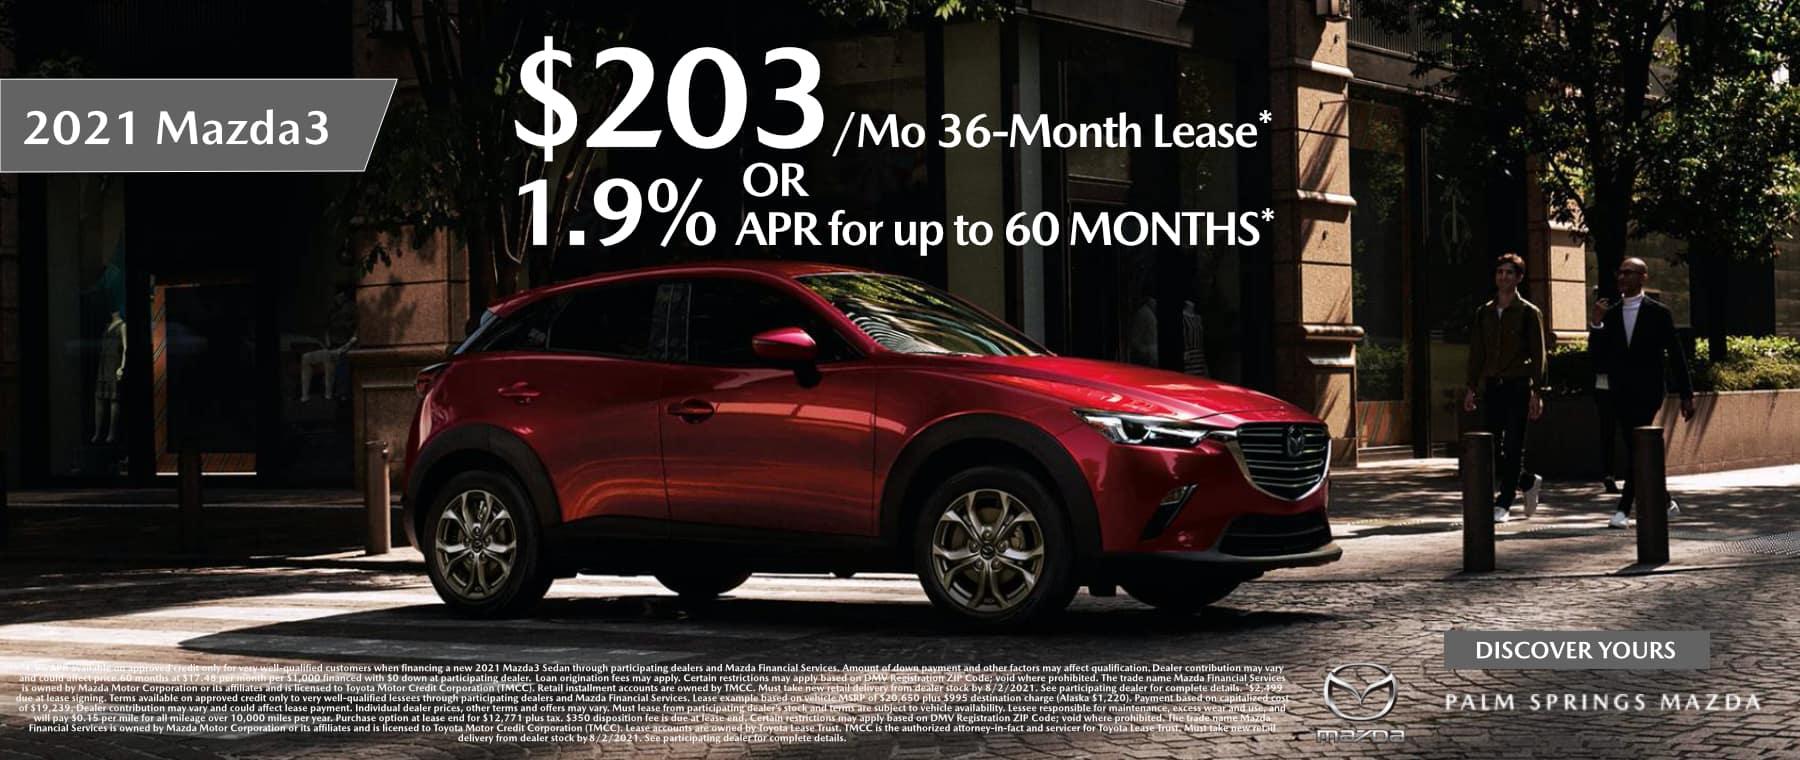 July_2021 Mazda3 PSM